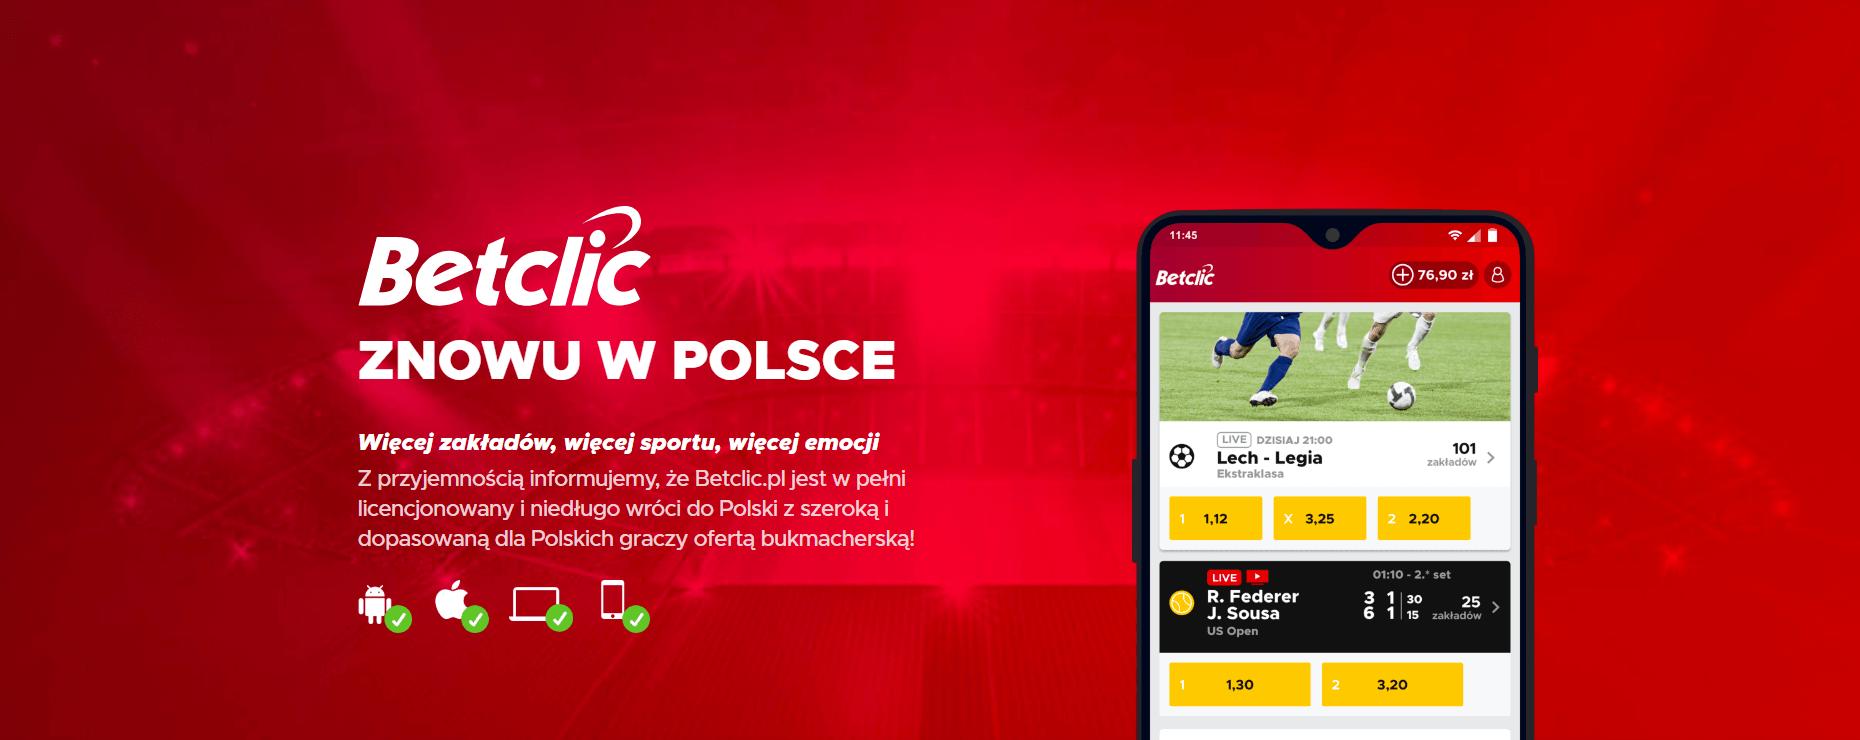 Betclic w Polsce